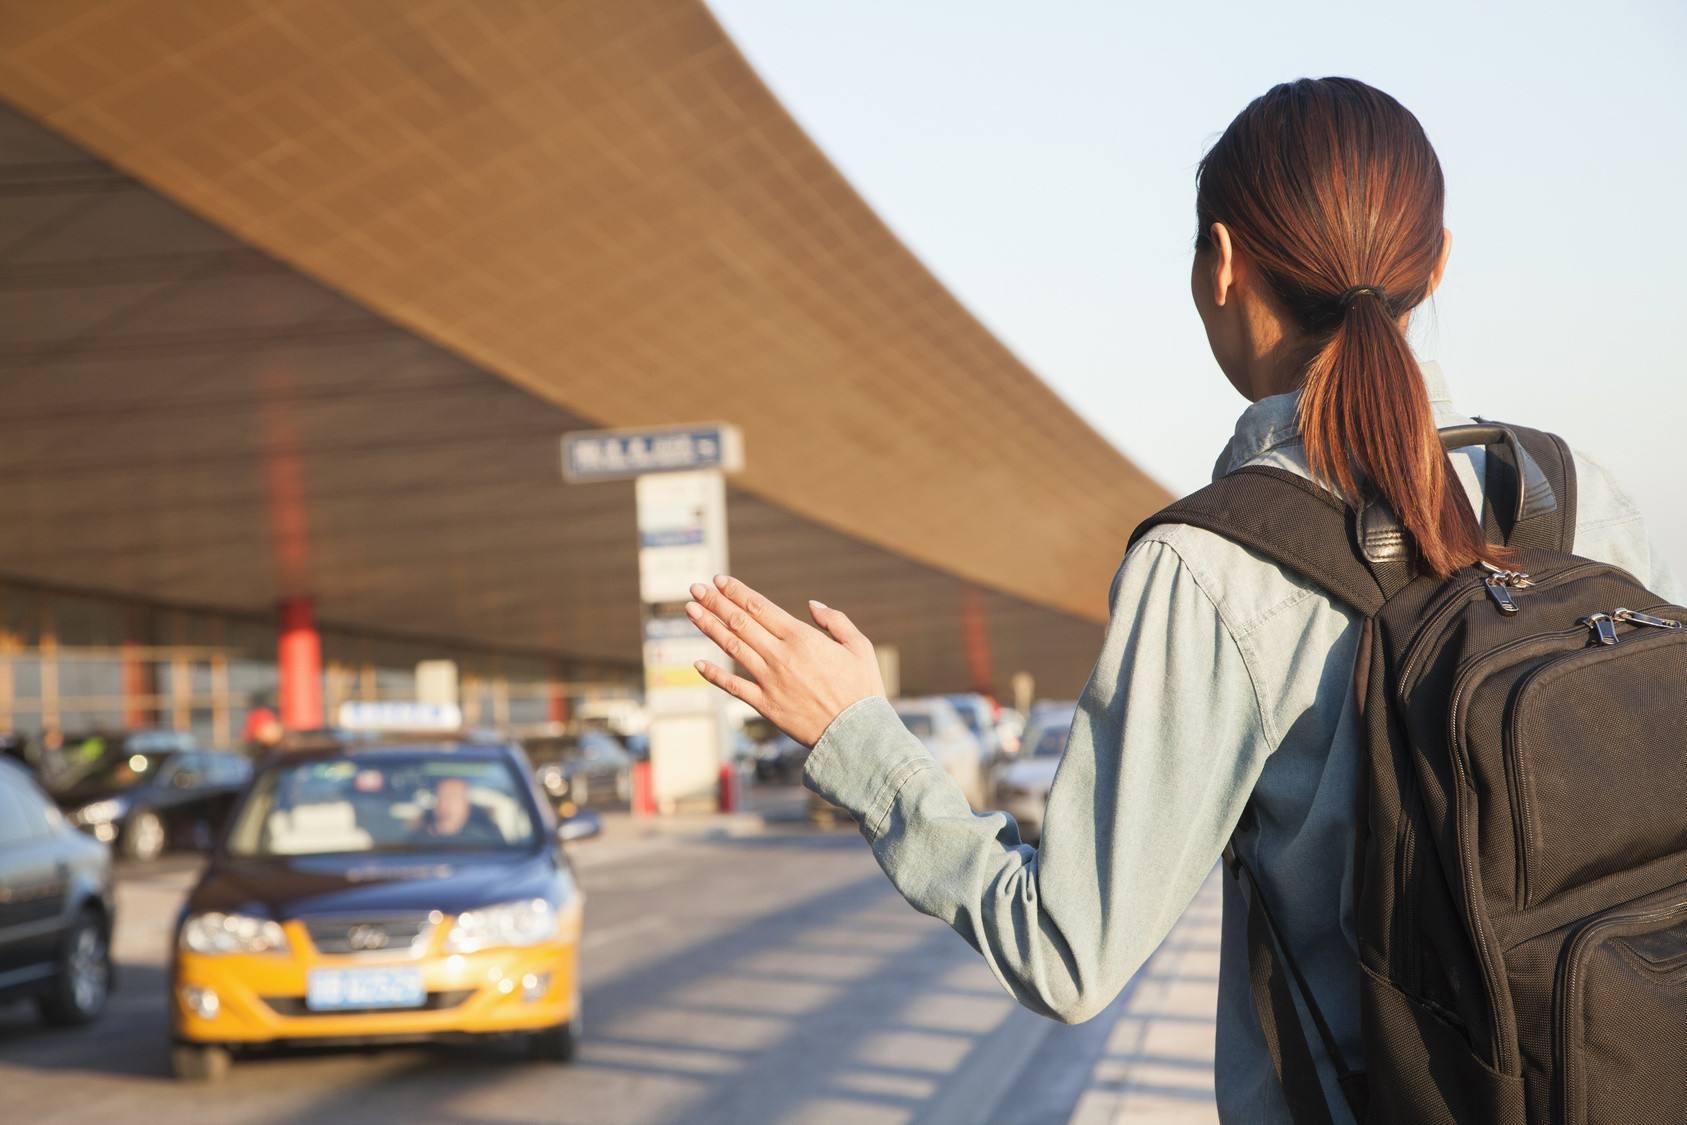 出租车为色情场所提供便利,公然介绍乘客前往,从中获取好处费